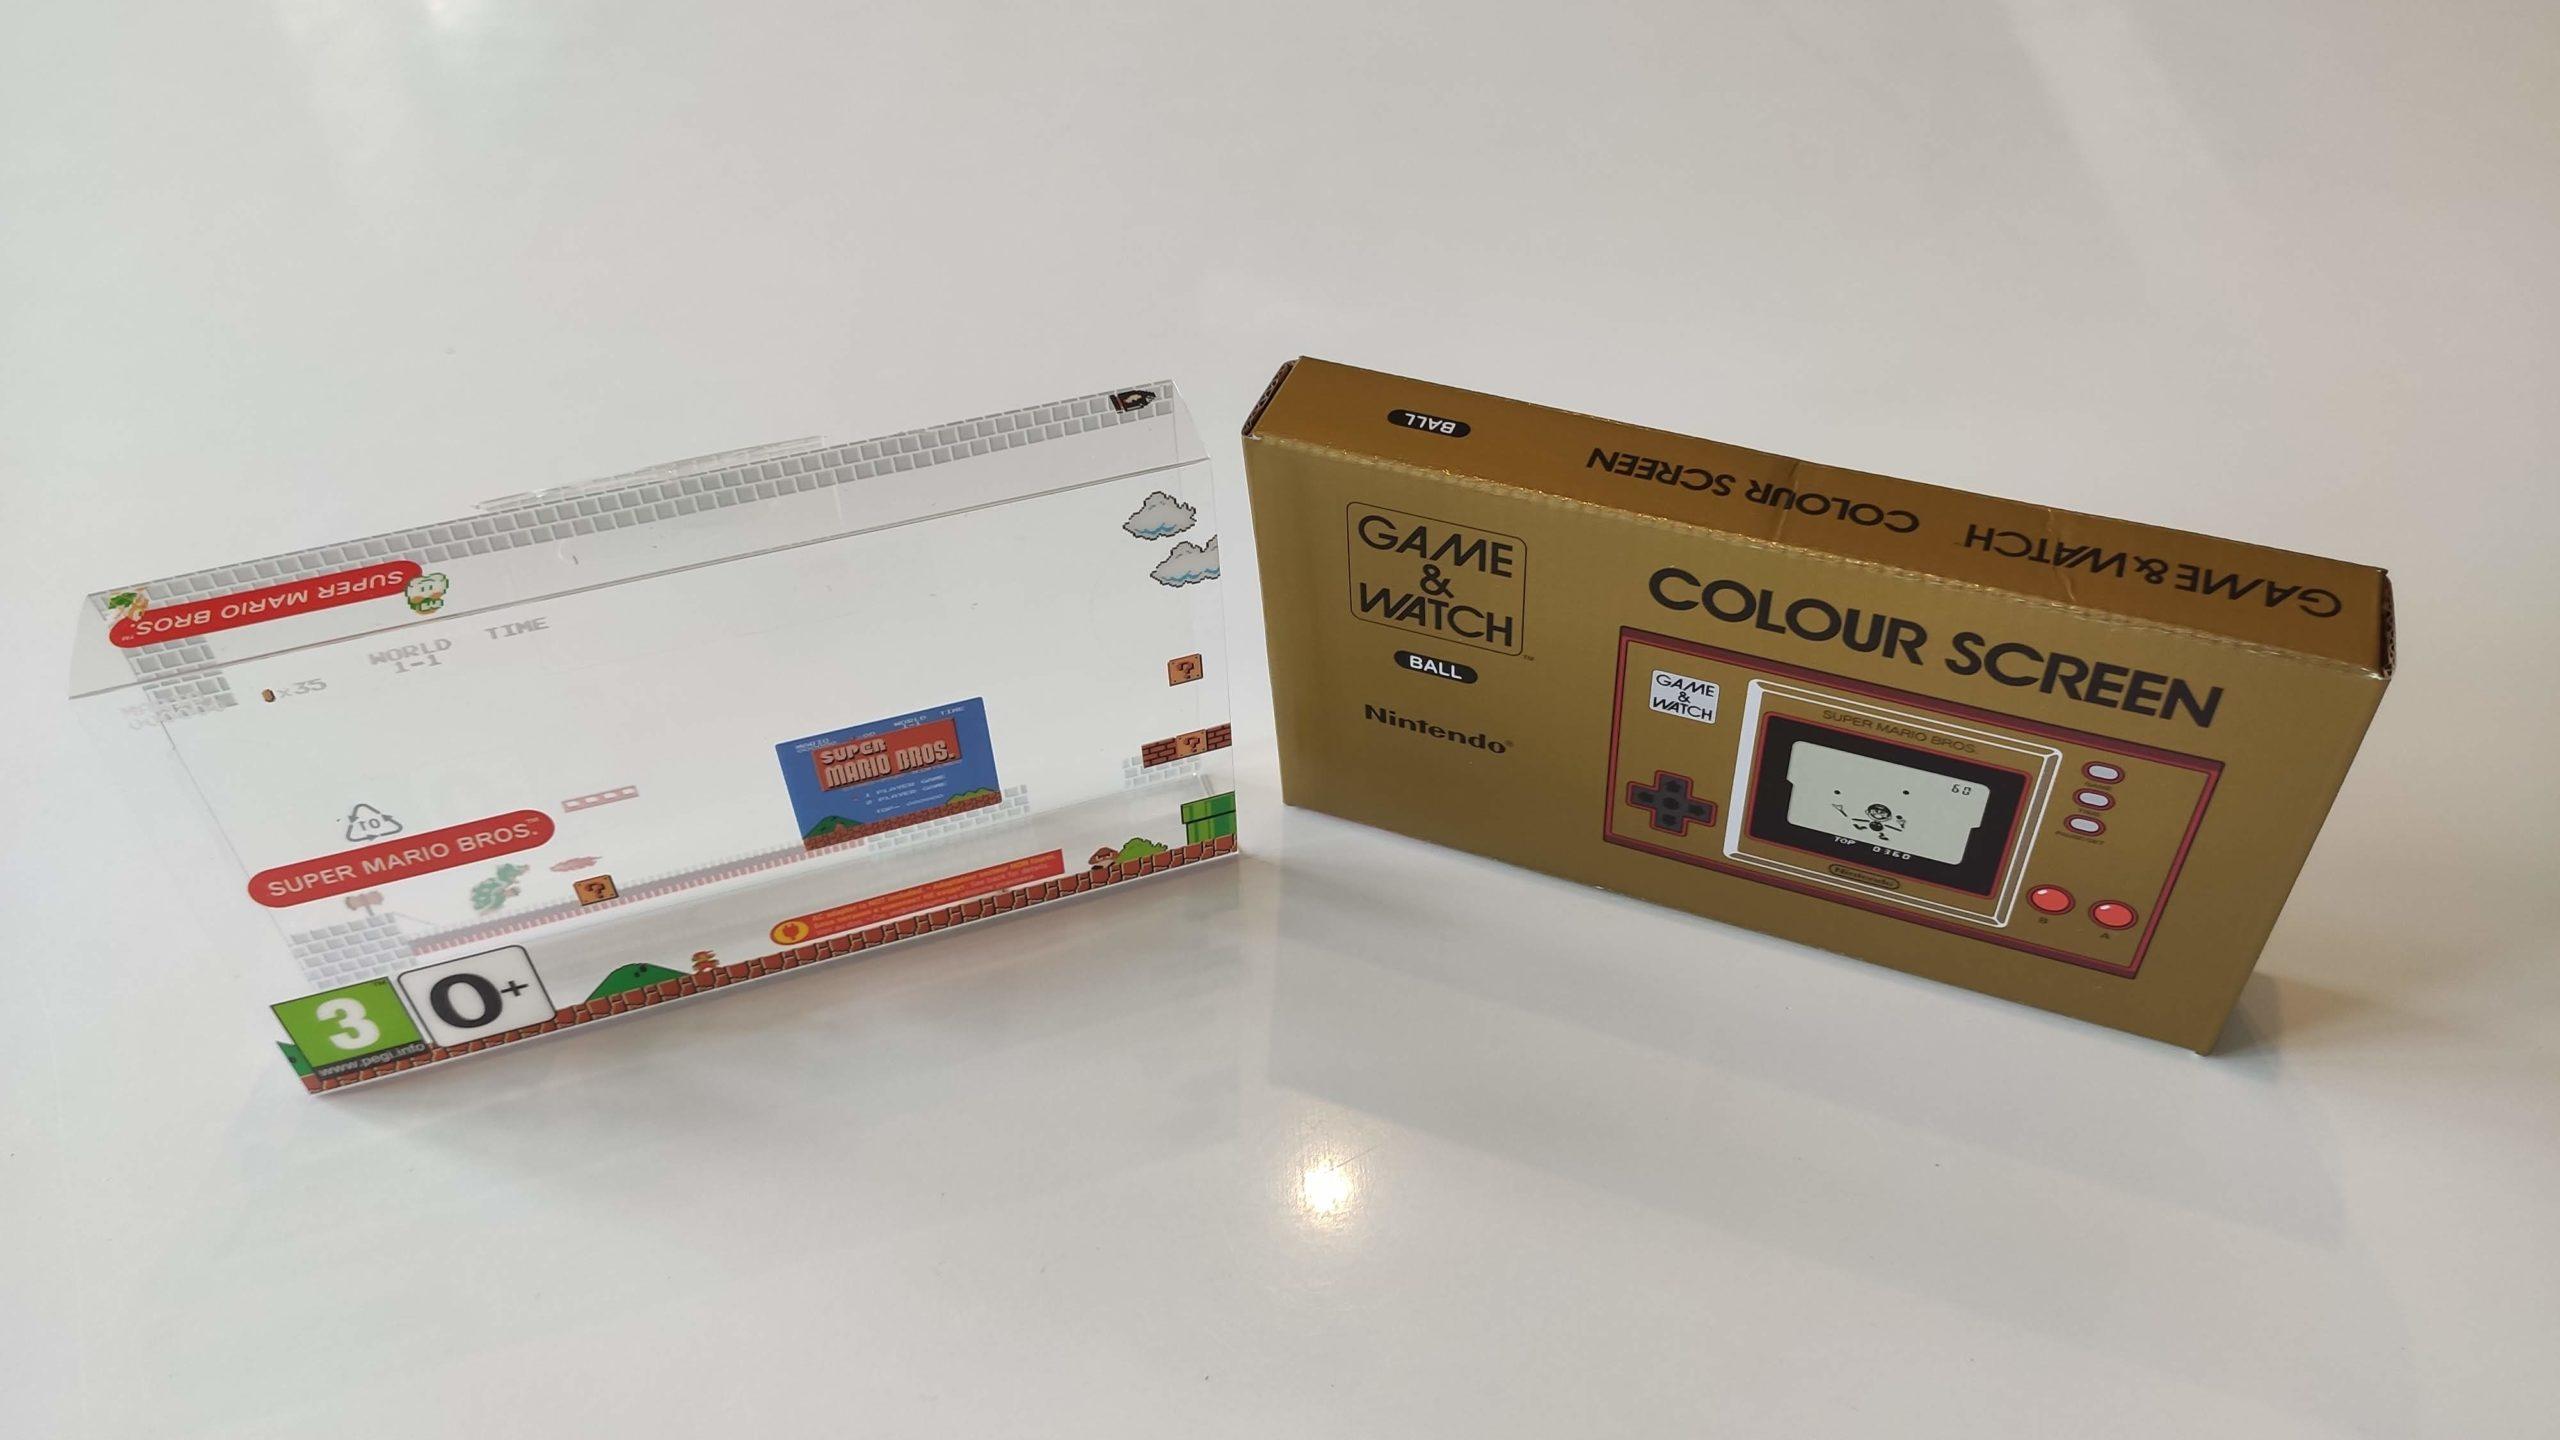 emballage plastique et carton de la console